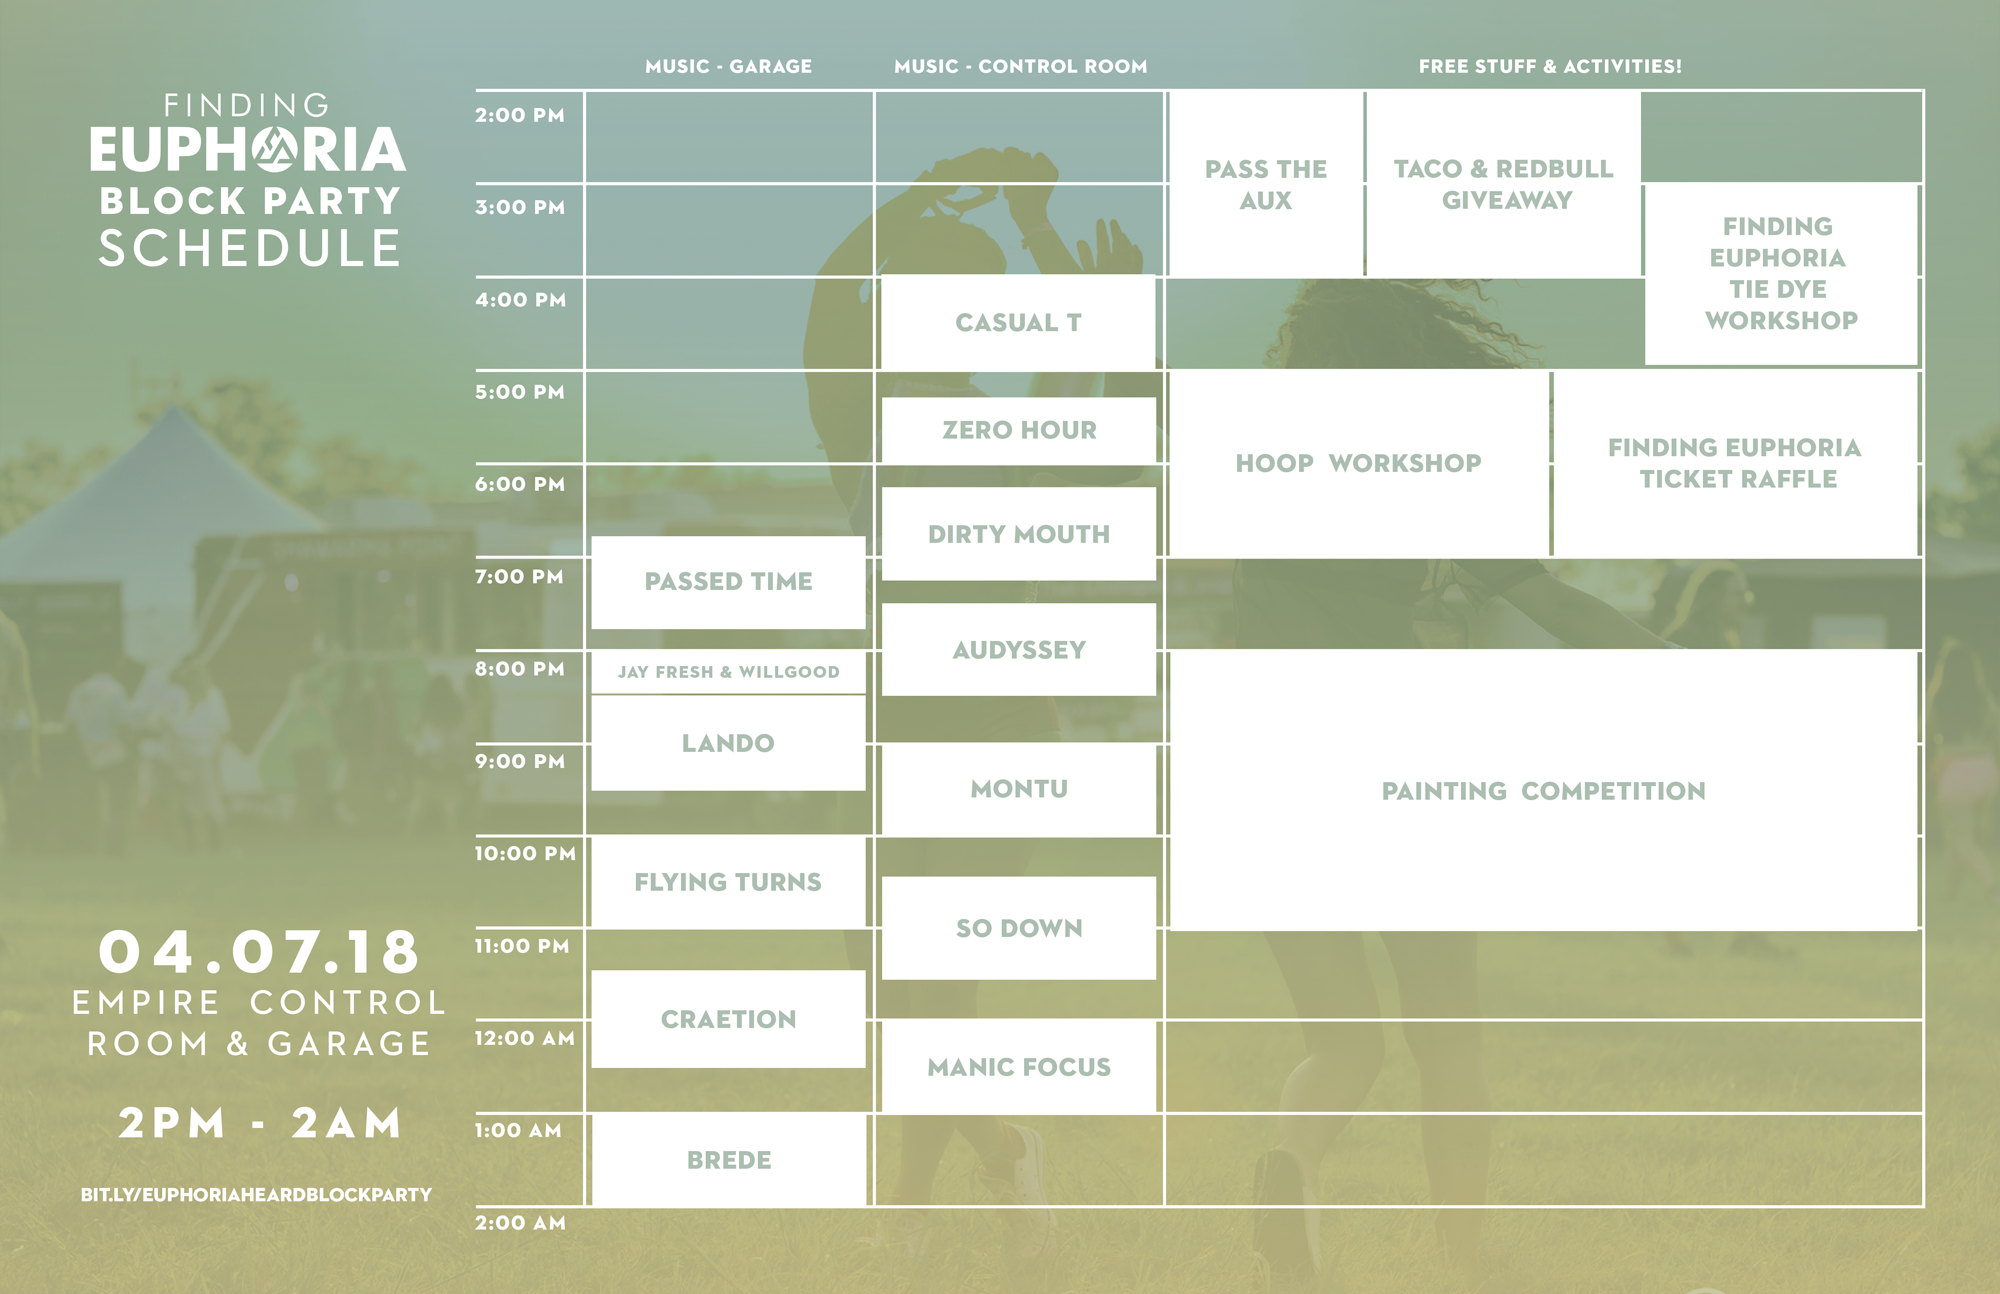 fe-schedule2.png